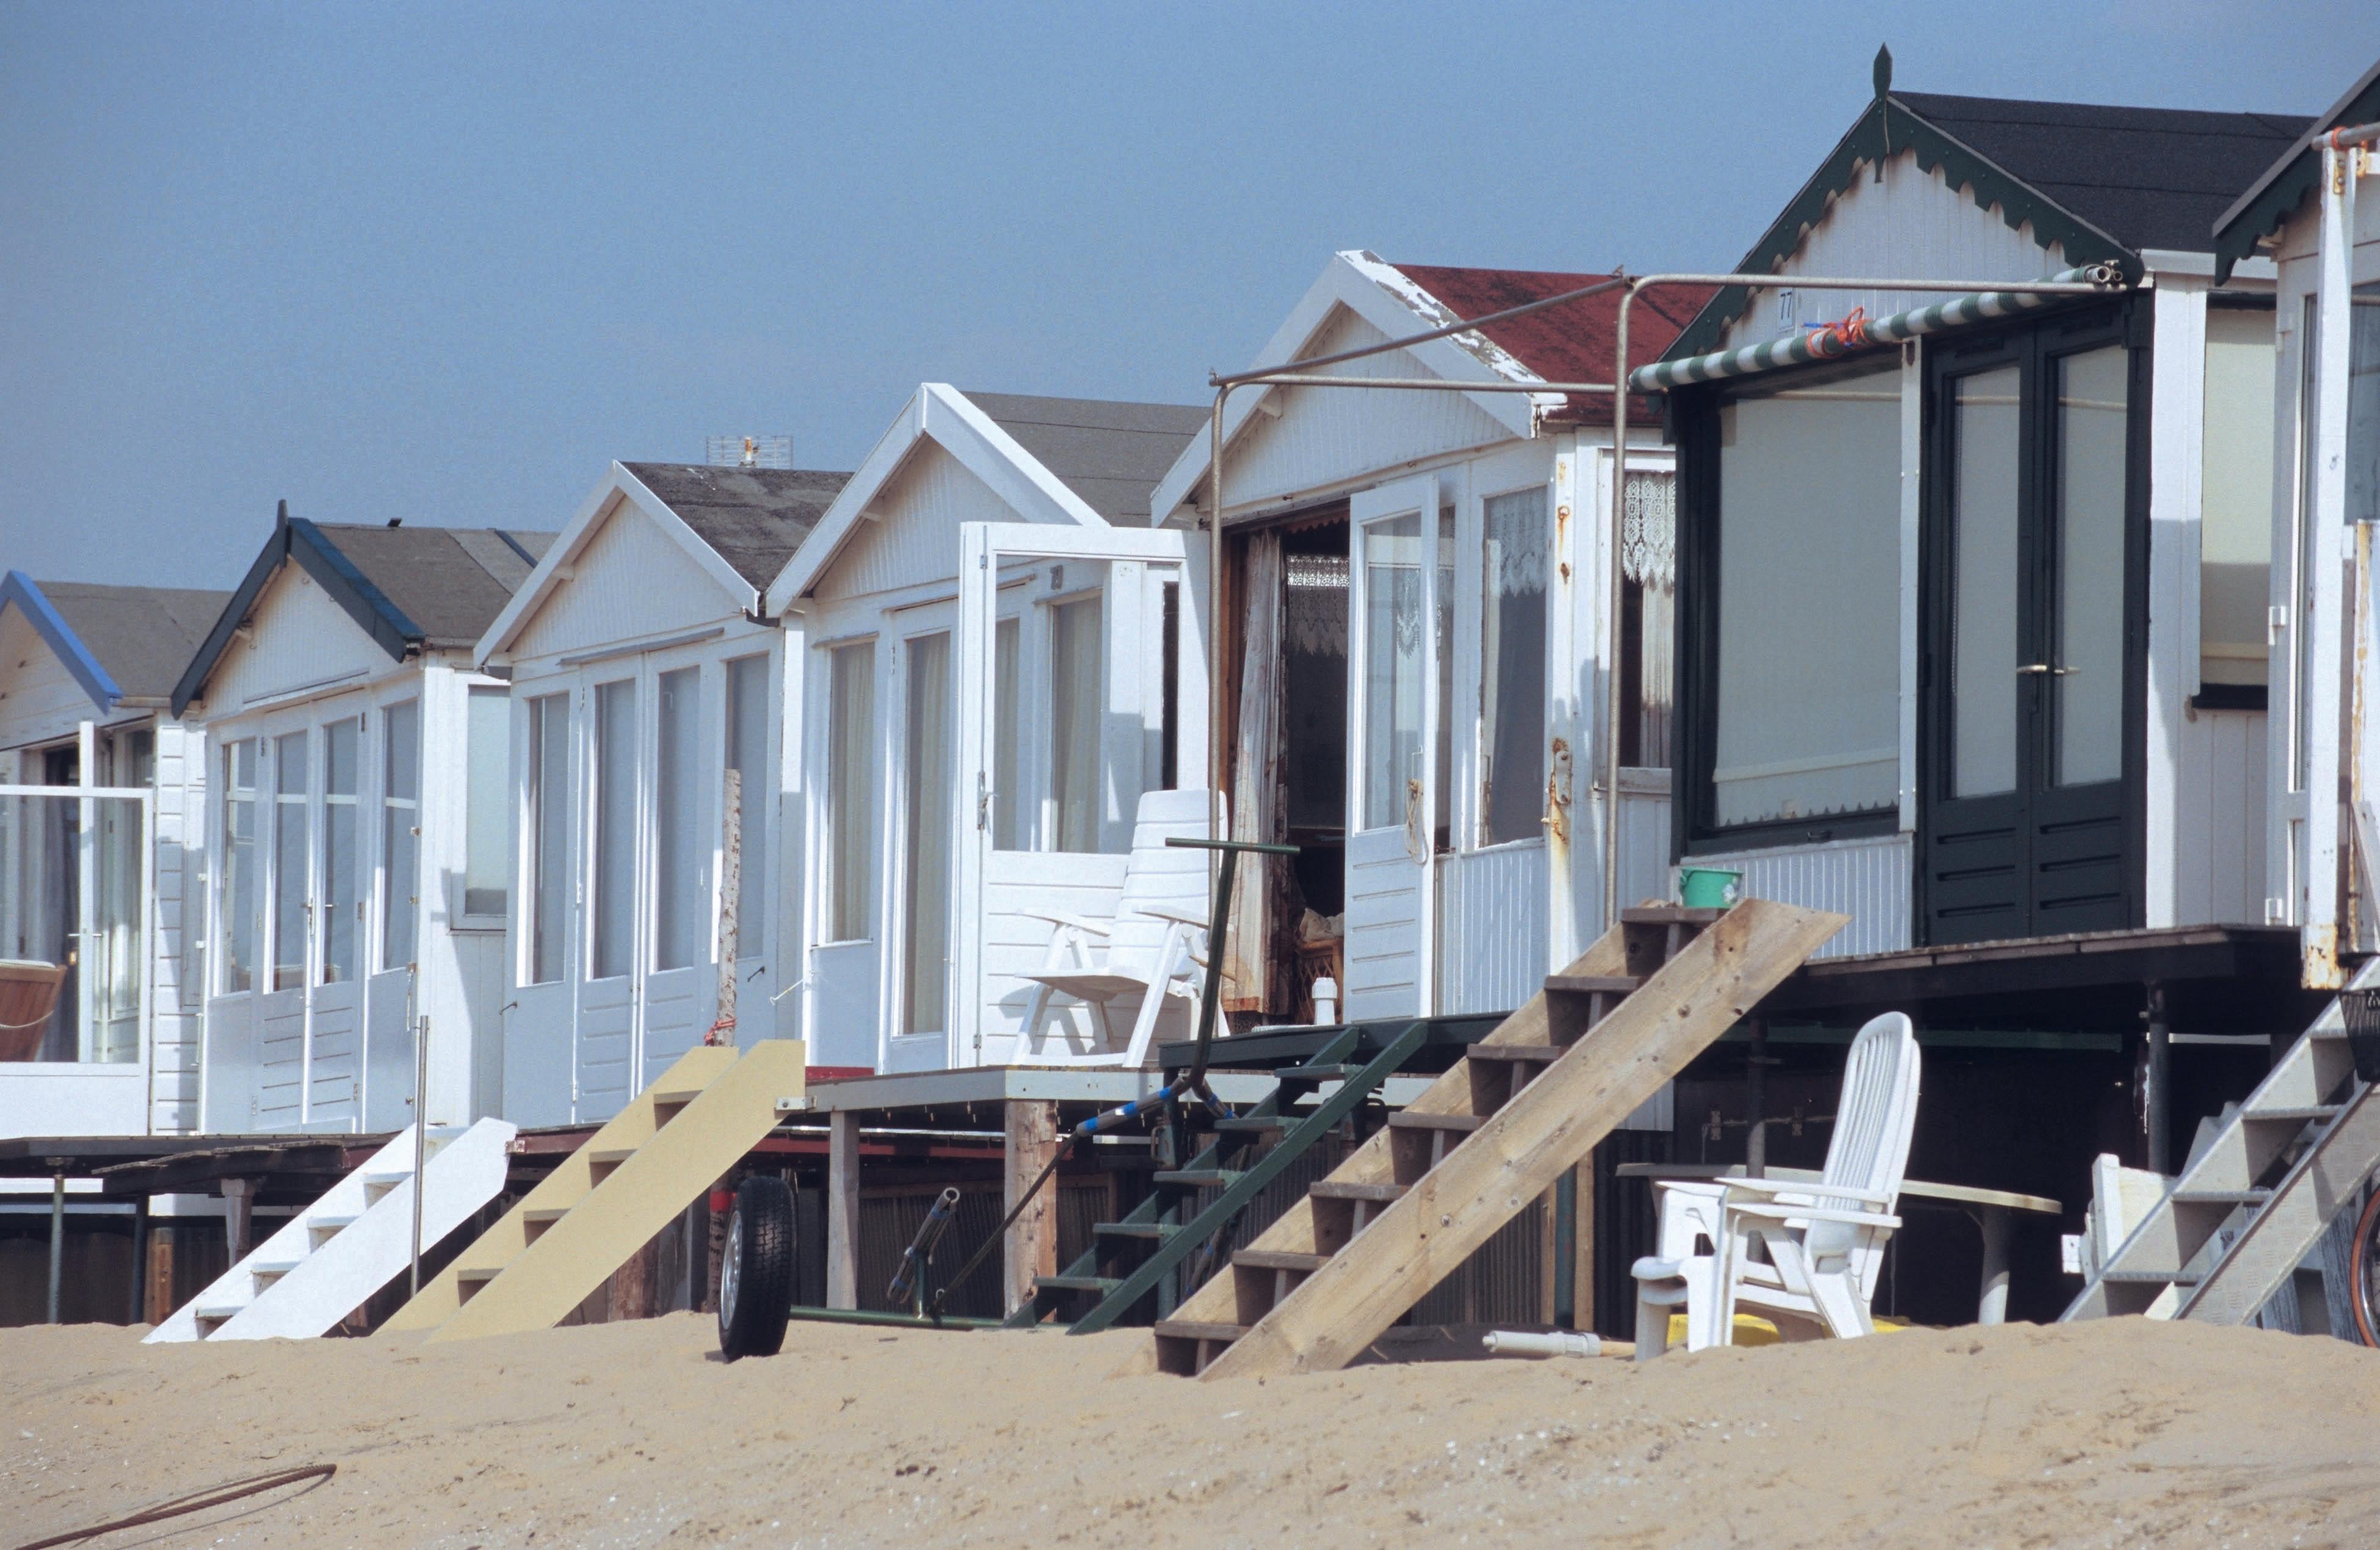 Nog geen groen licht voor alle strandverenigingen in IJmuiden aan Zee. Onbegrip onder eigenaren strandhuisjes